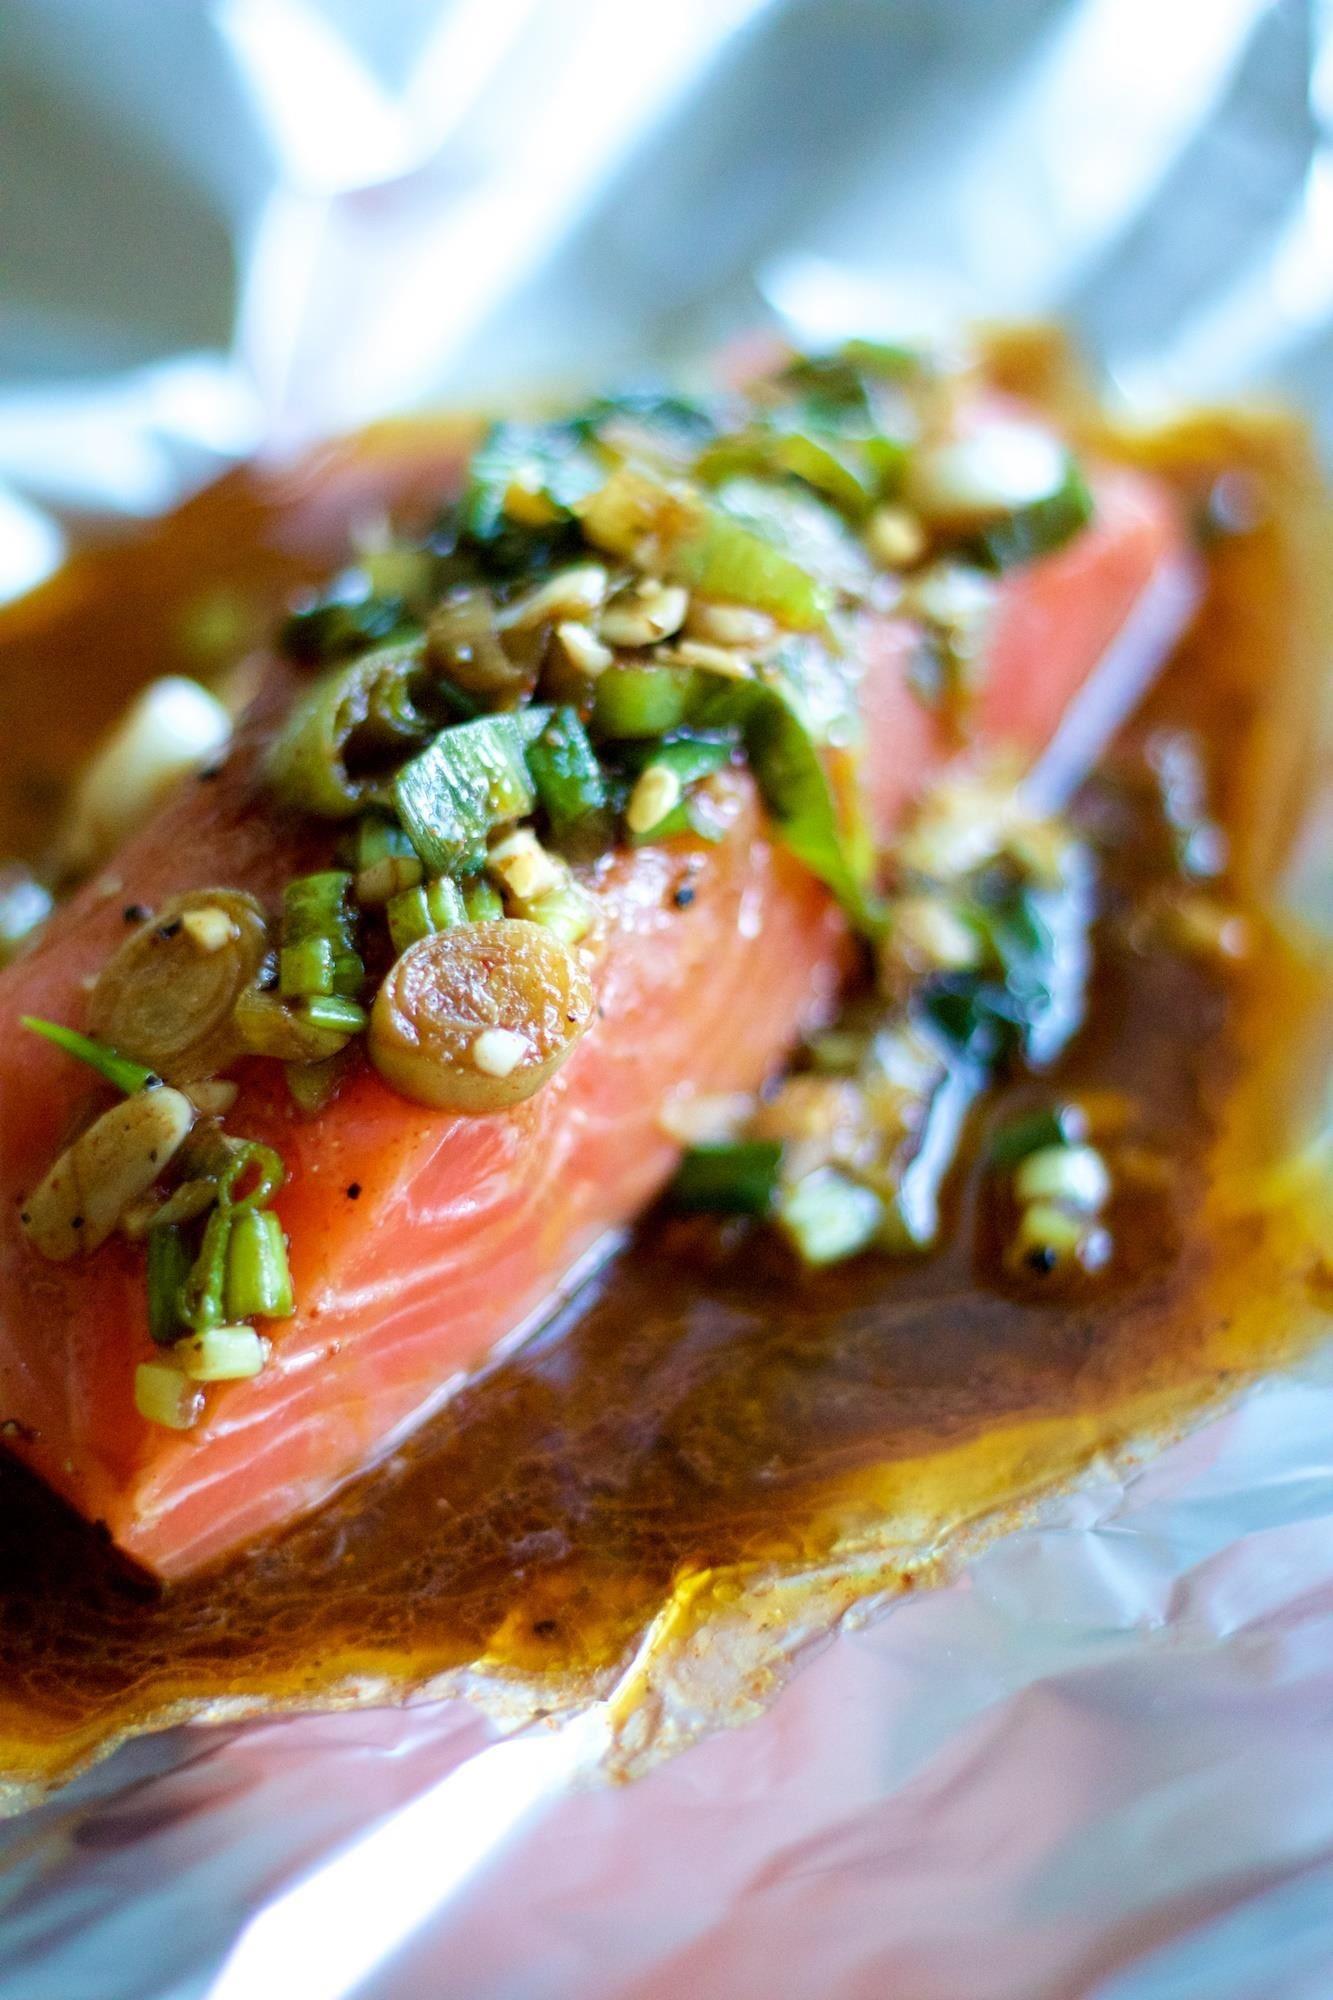 طرز تهیه ماهی را برای تمیزکاری در فویل بپزید